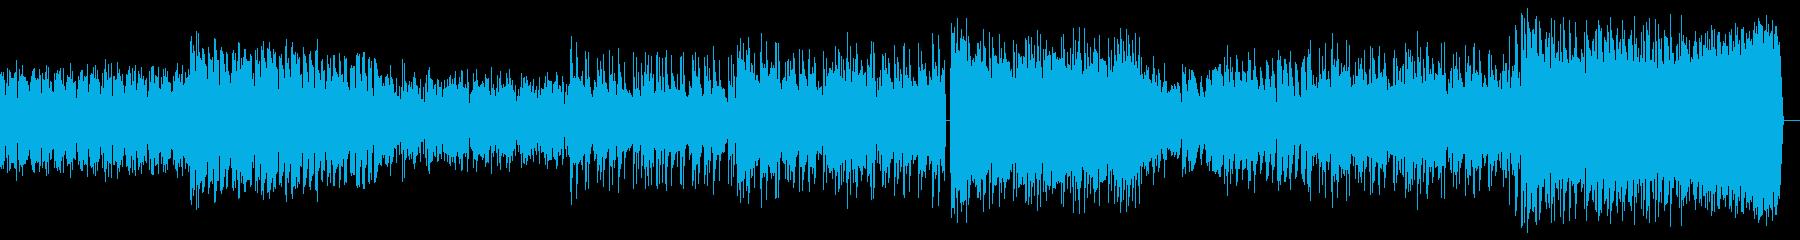 機械、デジタルなイメージのバトルBGMの再生済みの波形